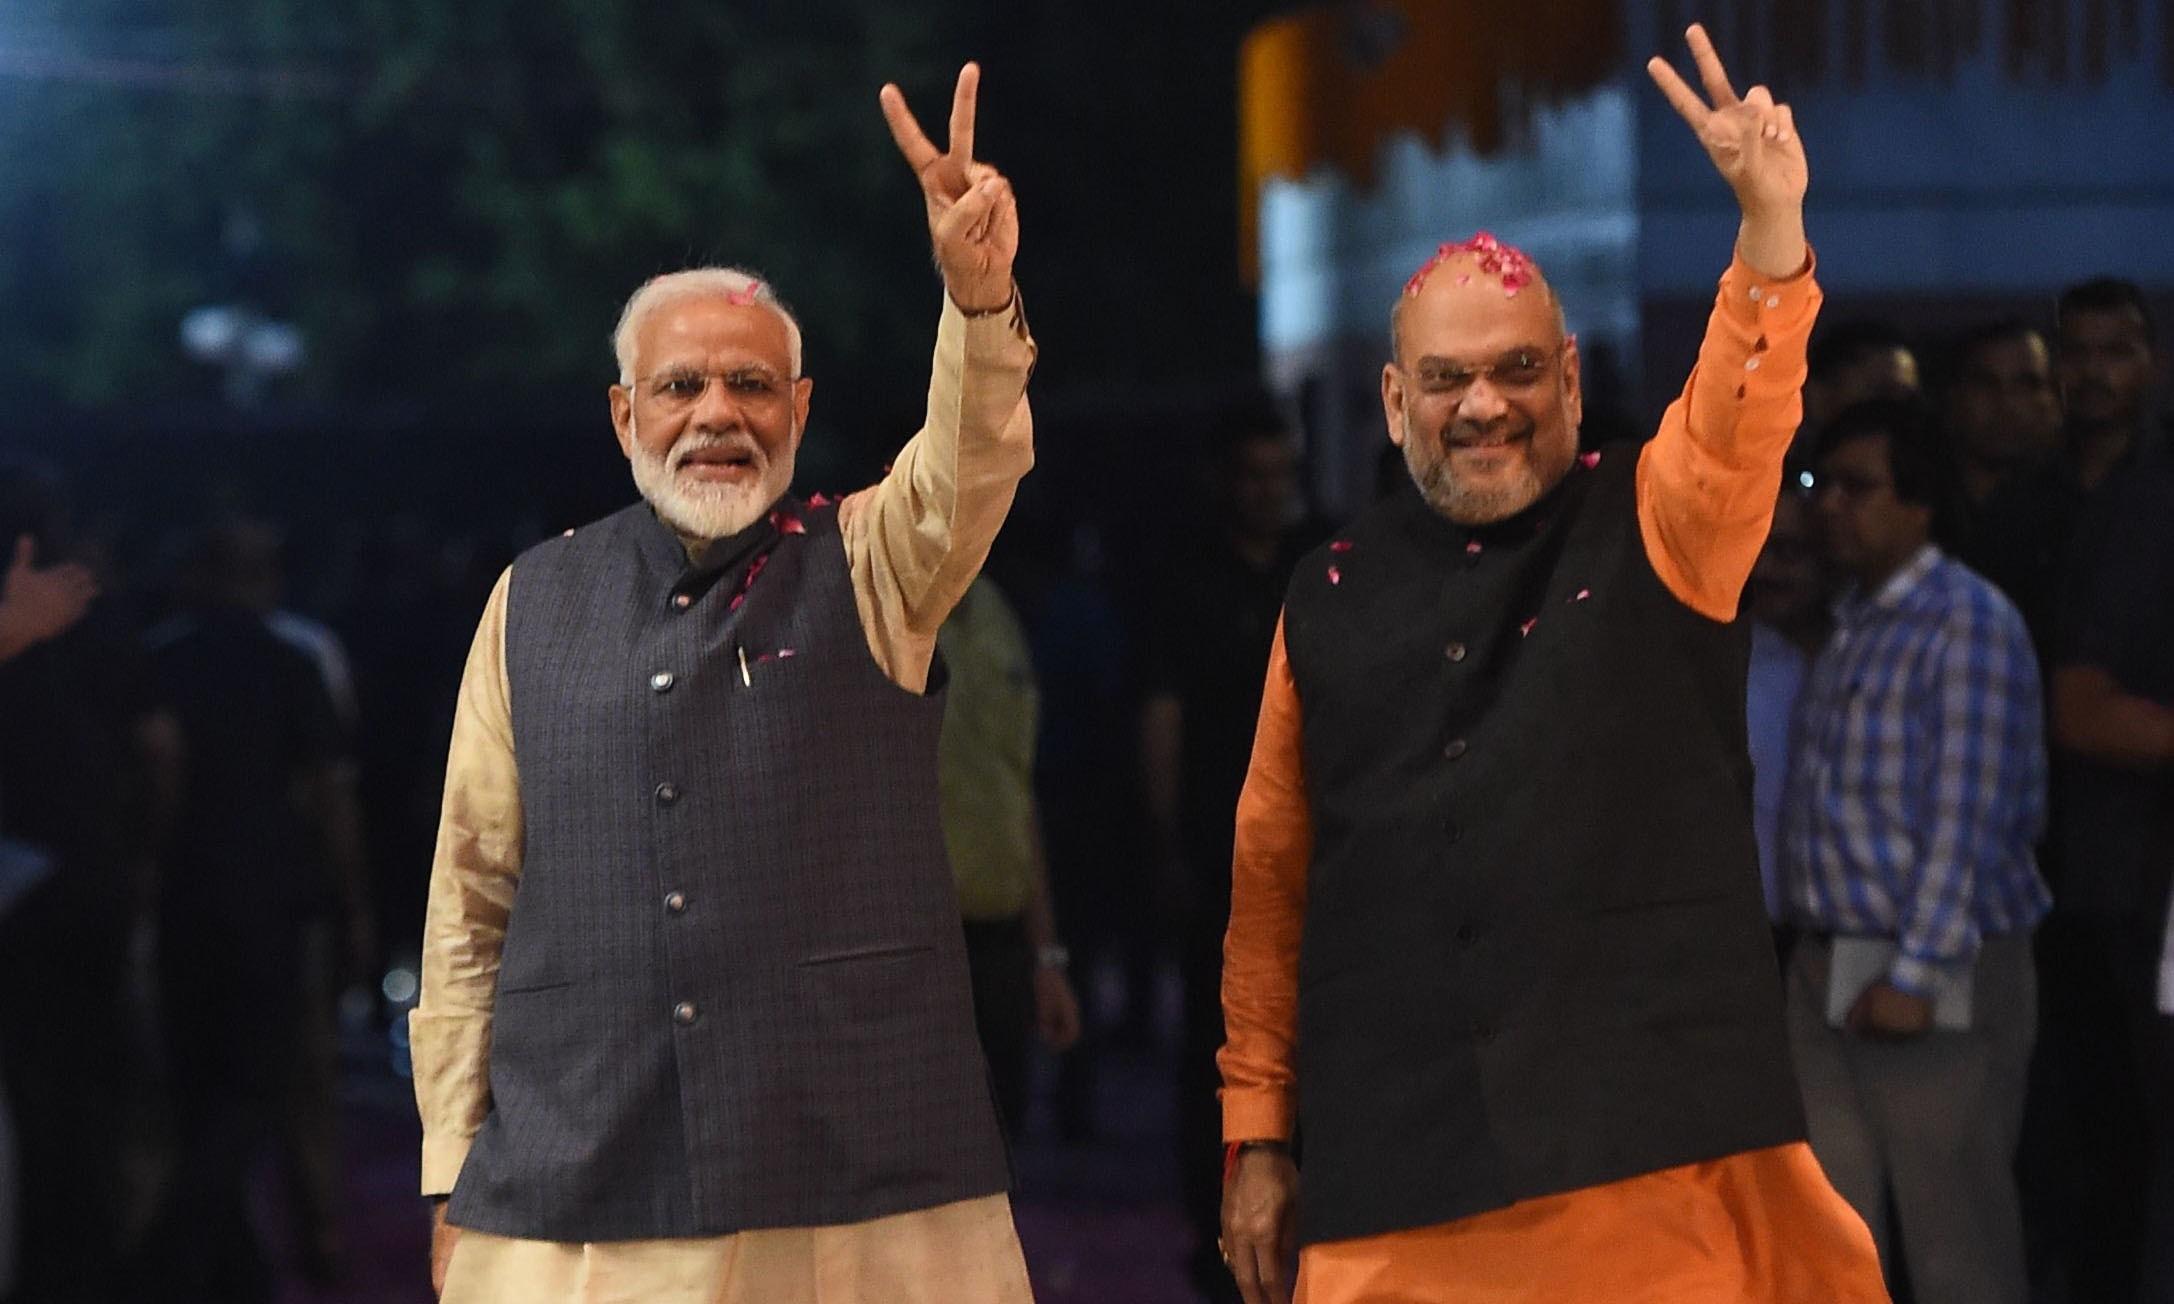 بھارتی وزیراعظم نریندر مودی اور بی جے پی کے صدر امت شاہ لوک سبھا انتخابات میں جیت کے بعد اپنی خوشی کا اظہار کررہے ہیں —فوٹو/ اے ایف پی